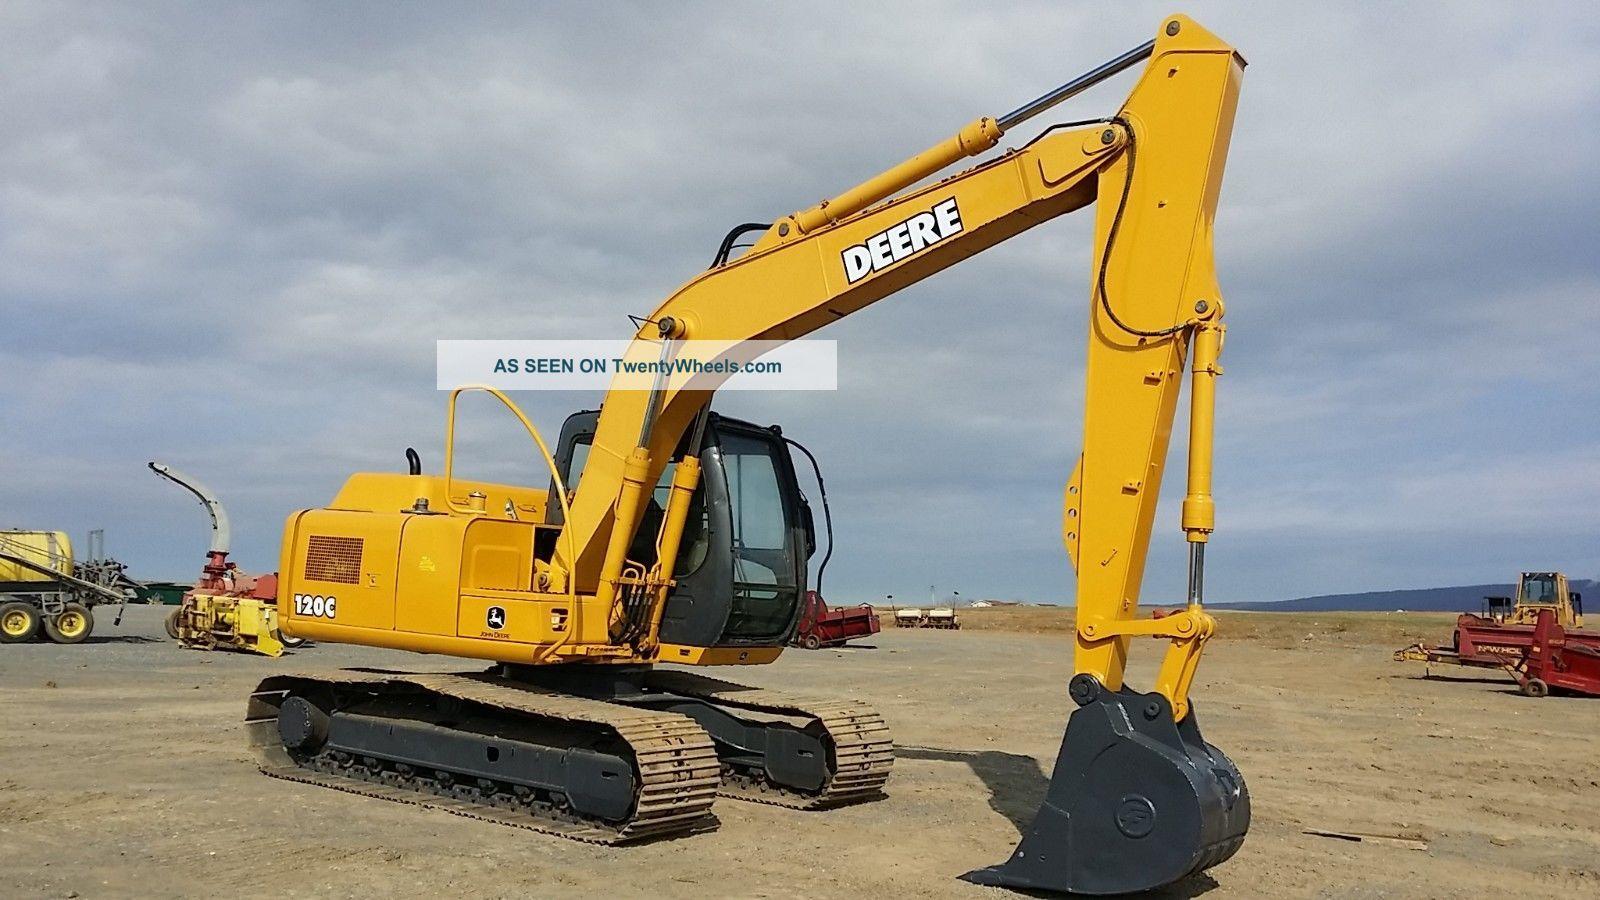 2004 John Deere 120c Excavator Construction Tractor ...